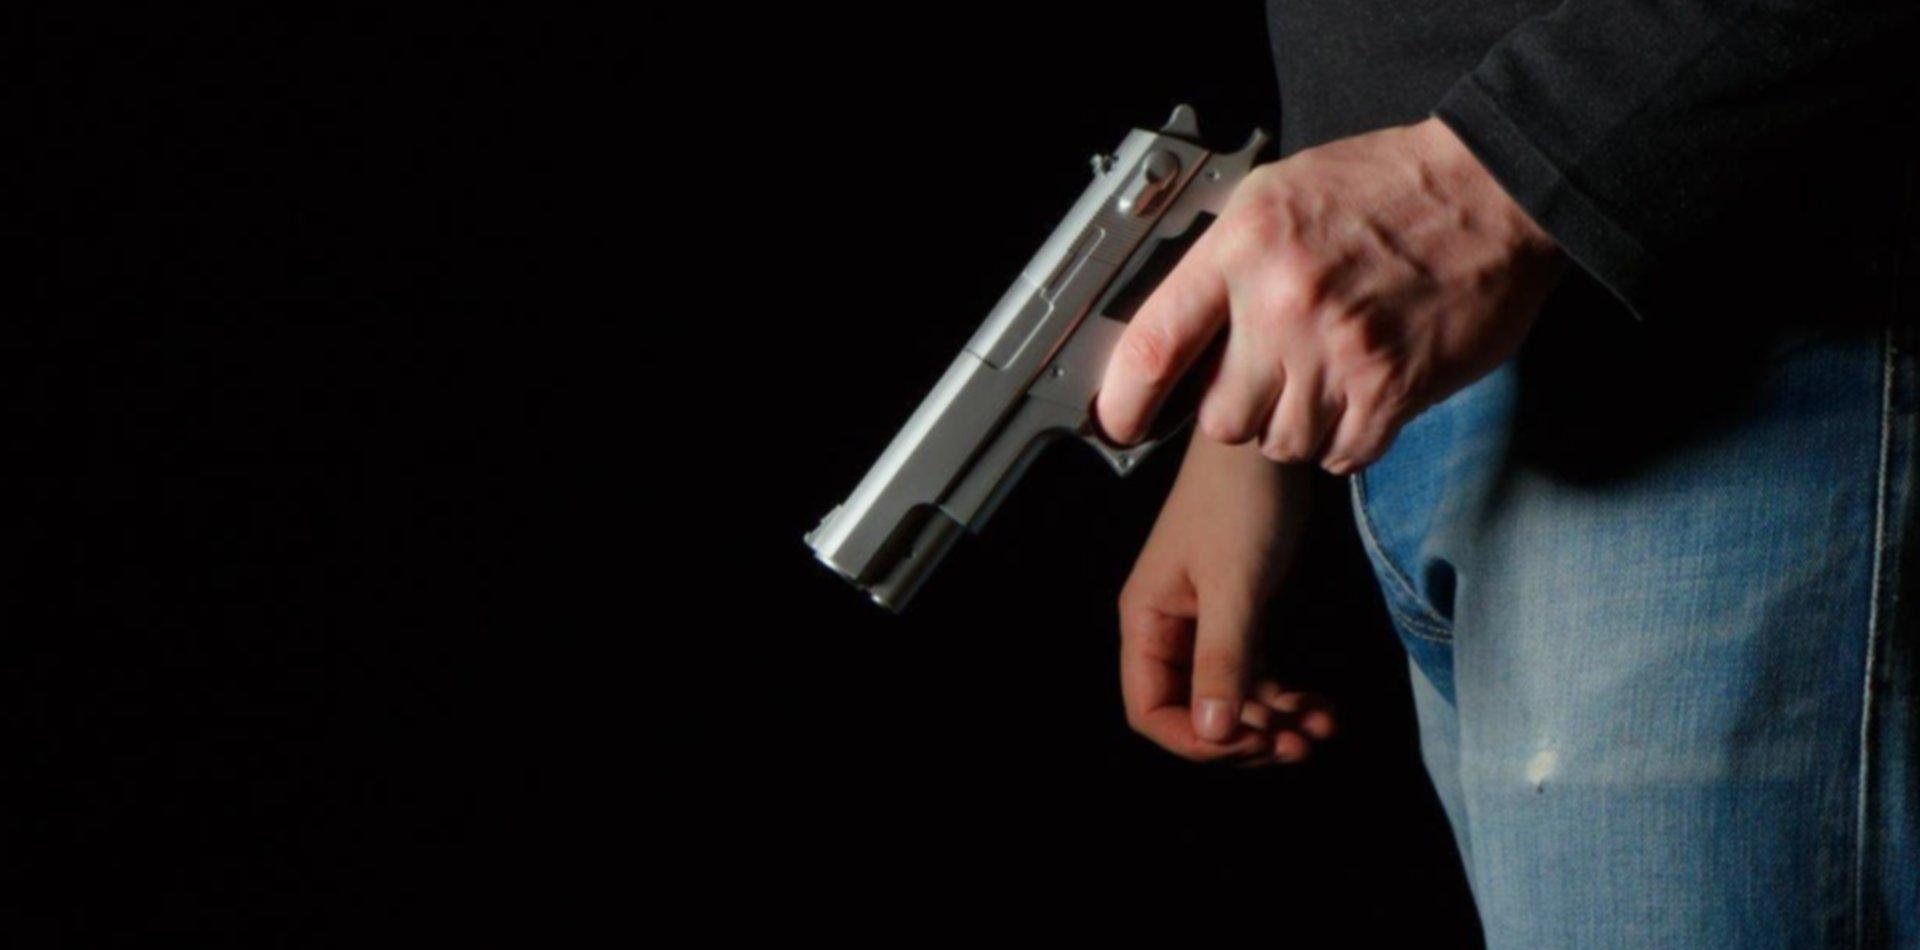 Tiros, amenazas y corridas en medio de una discusión vecinal en Ensenada